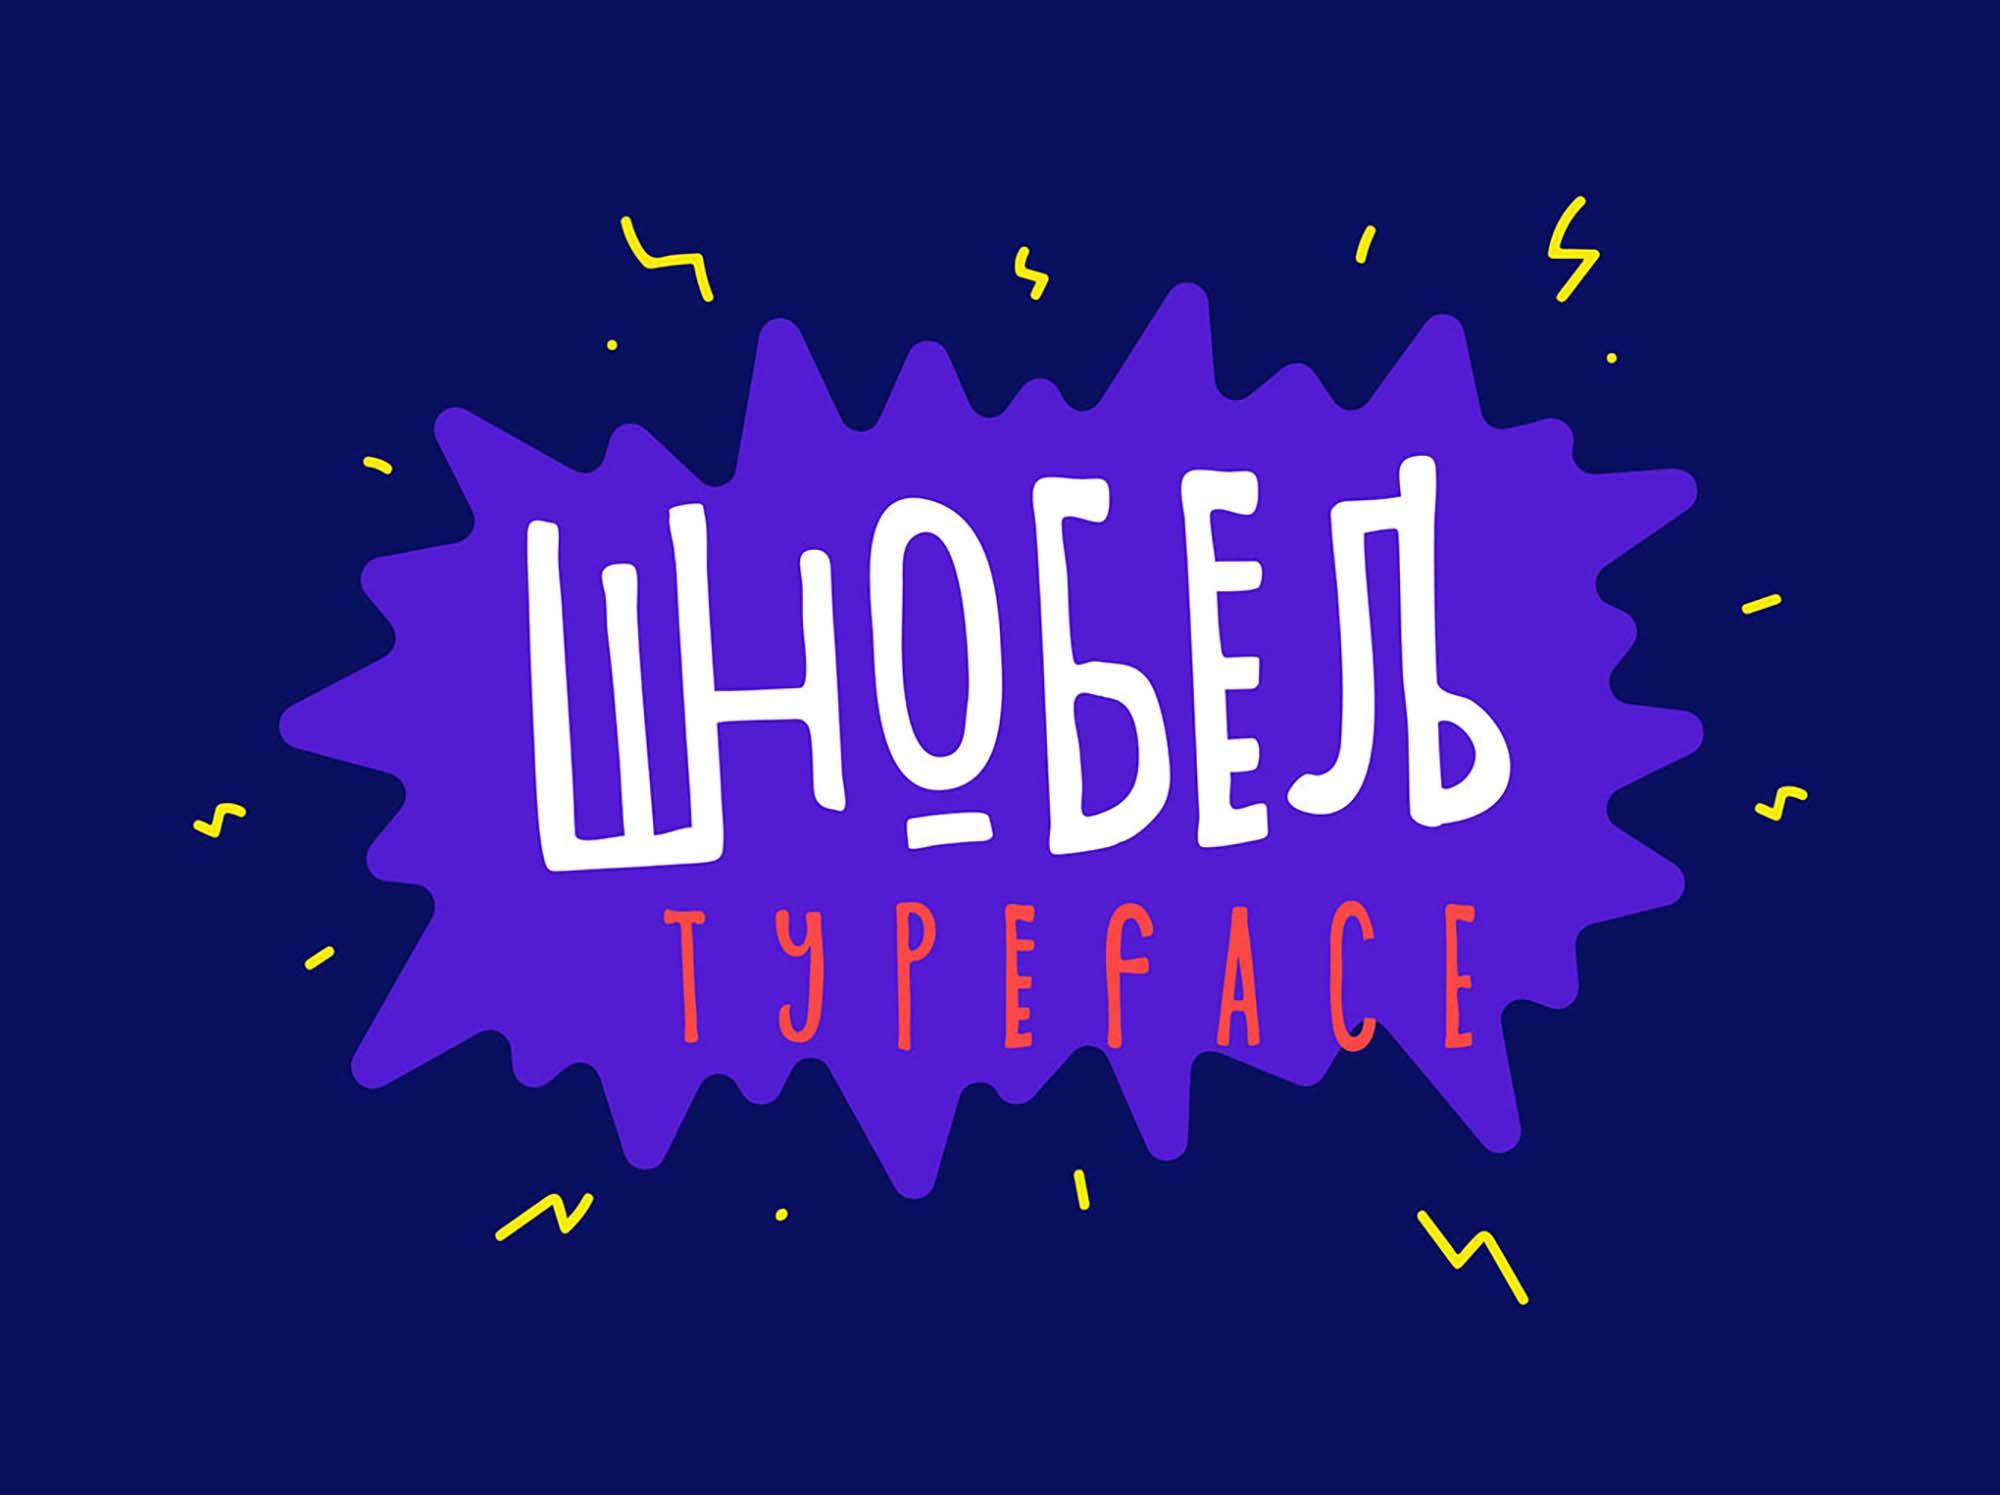 Shnobel Font